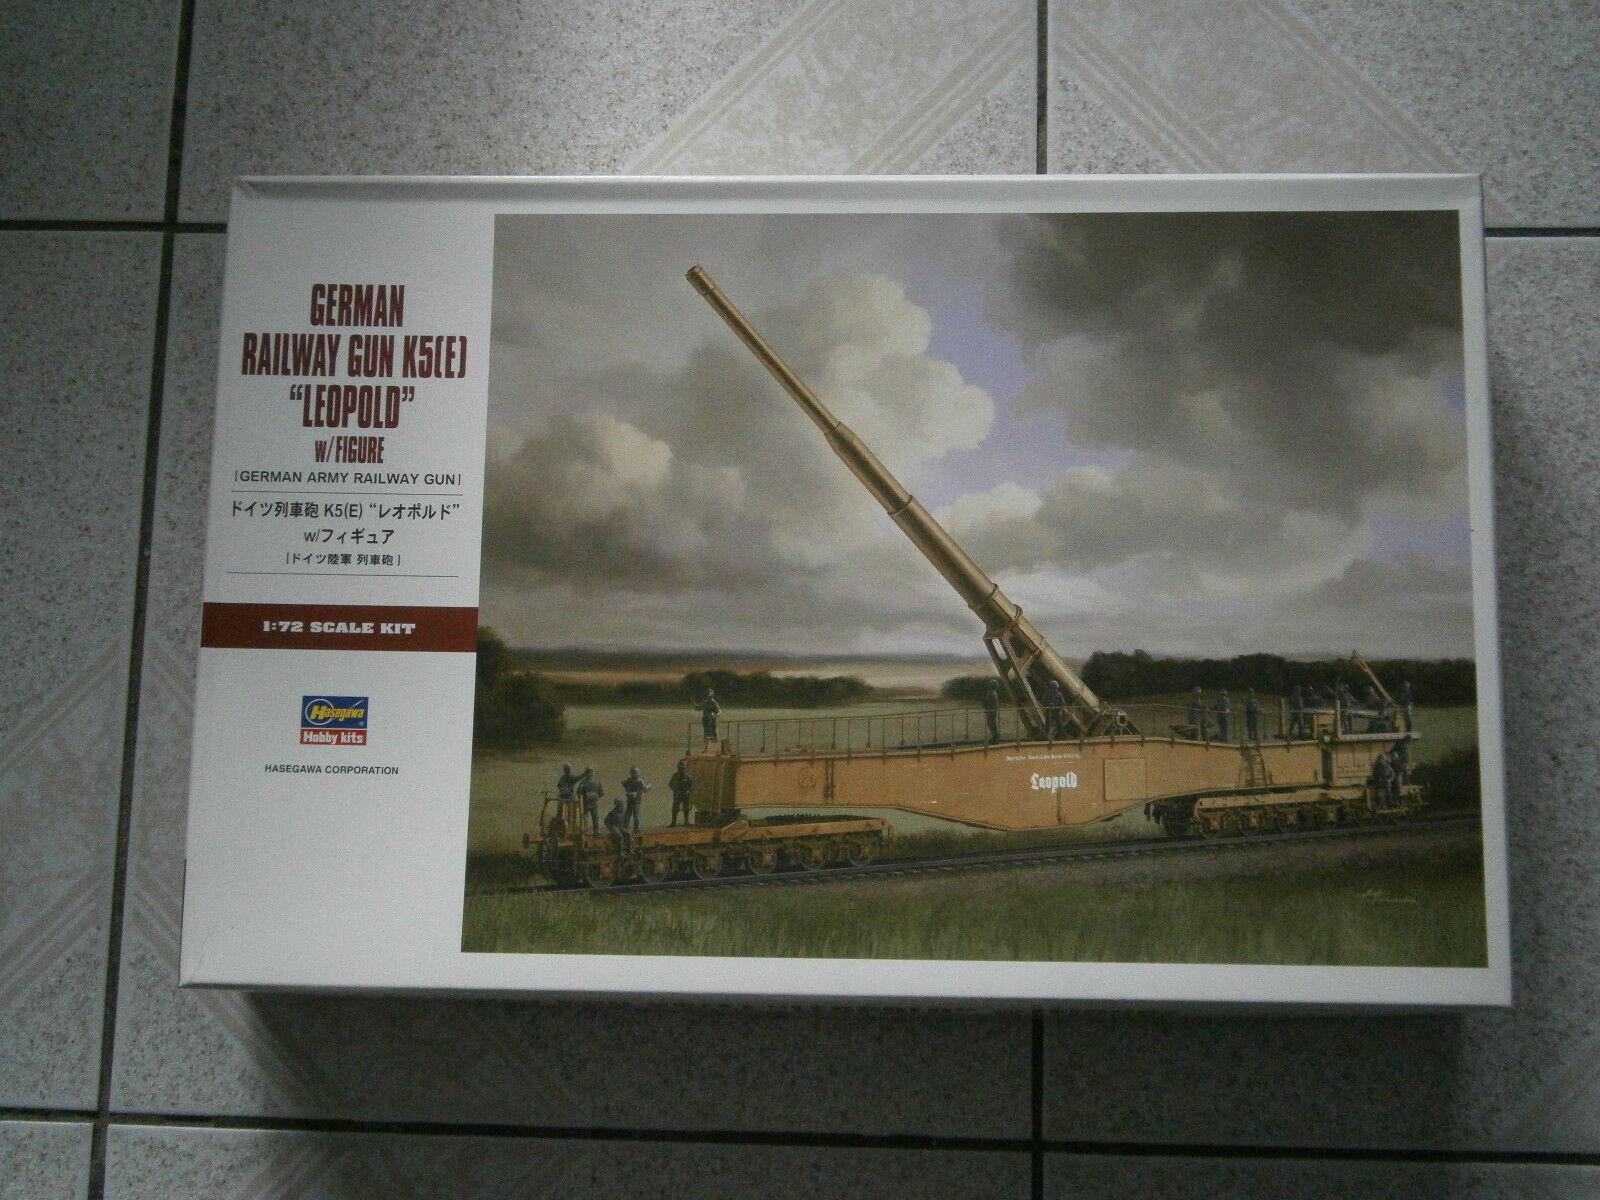 MAQUETTE WW2 GERMAN RAILWAY GUN K5(E) LEOPOLD HASEGAWA HASEGAWA HASEGAWA (31258) MT58 1 72 - 1 72 734